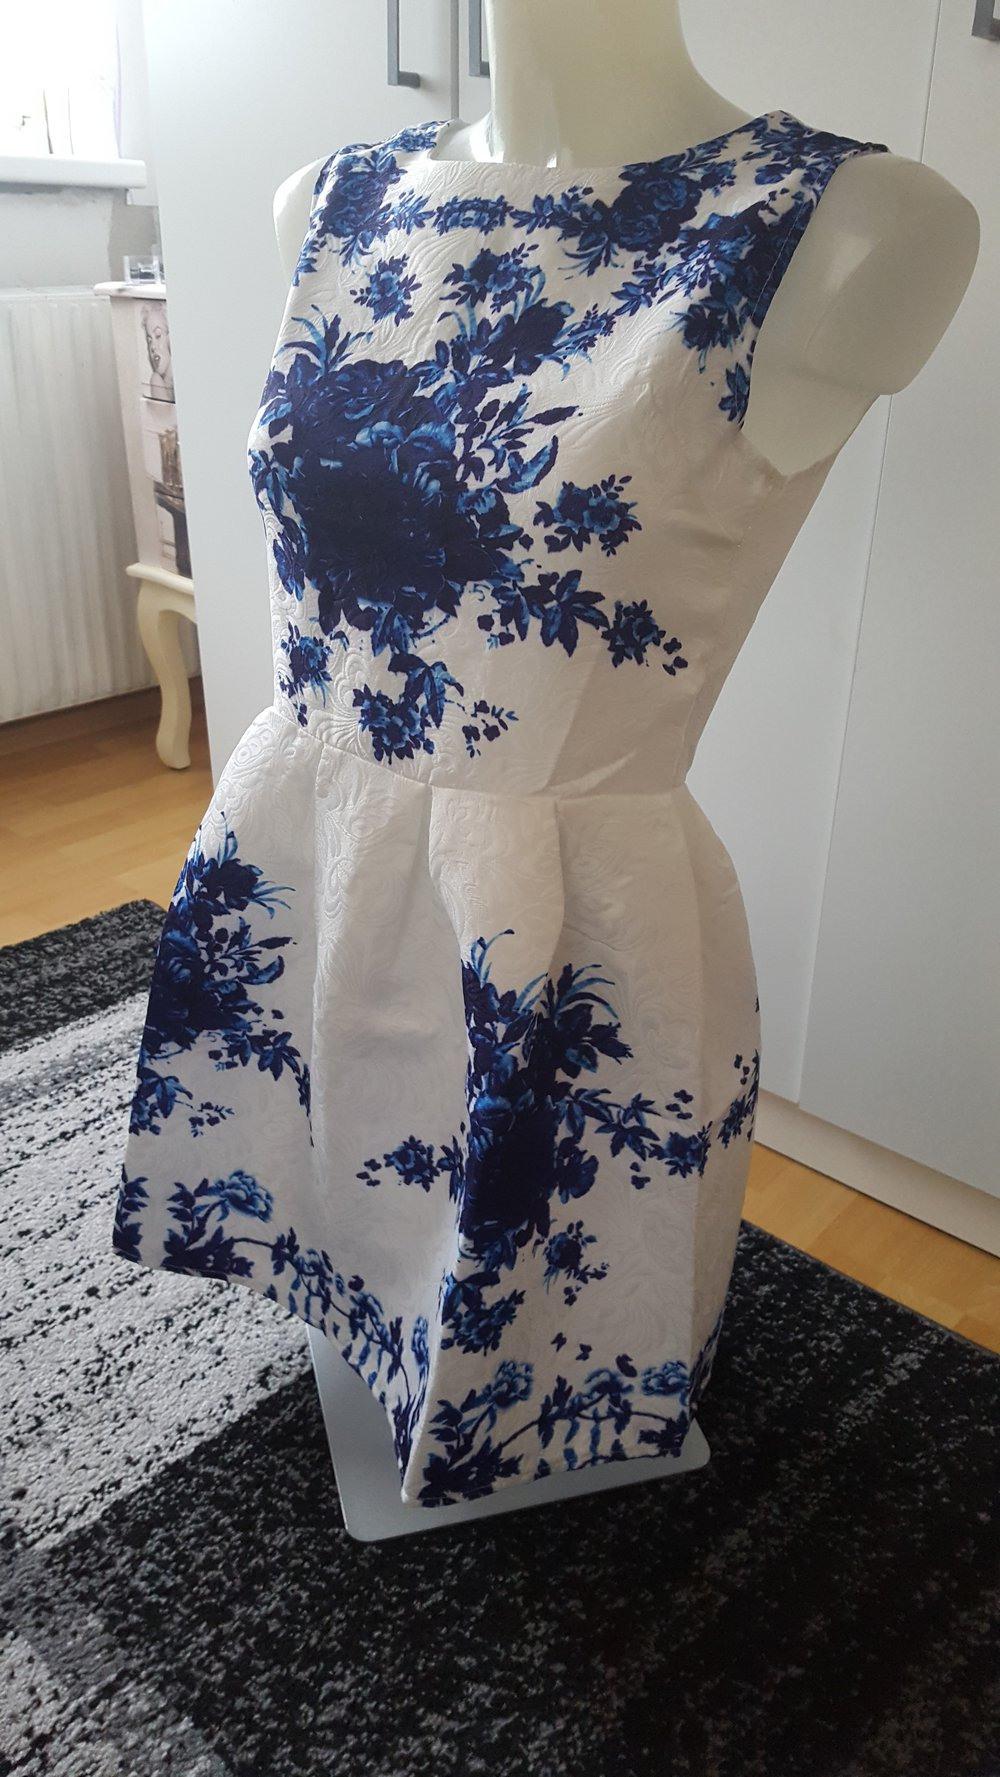 17 Top Weißes Kleid Mit Blauen Blumen Ärmel20 Kreativ Weißes Kleid Mit Blauen Blumen Boutique